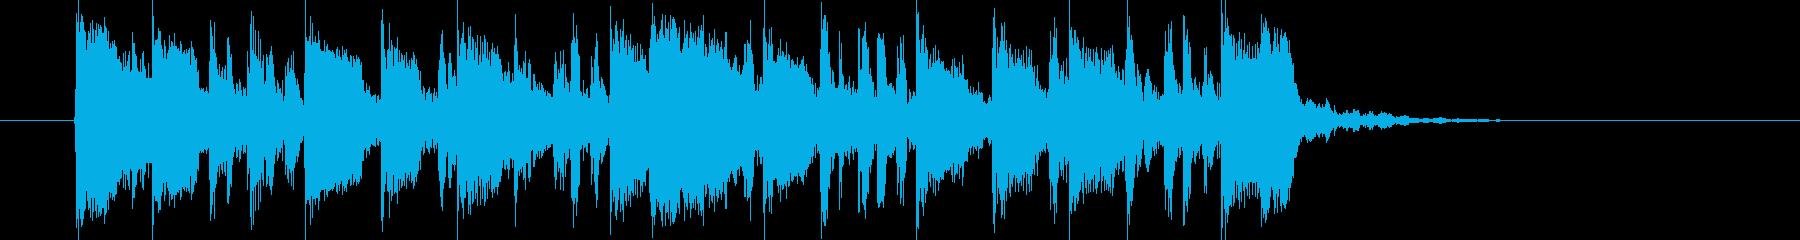 緩やかで煌き感あるシンセジングルの再生済みの波形